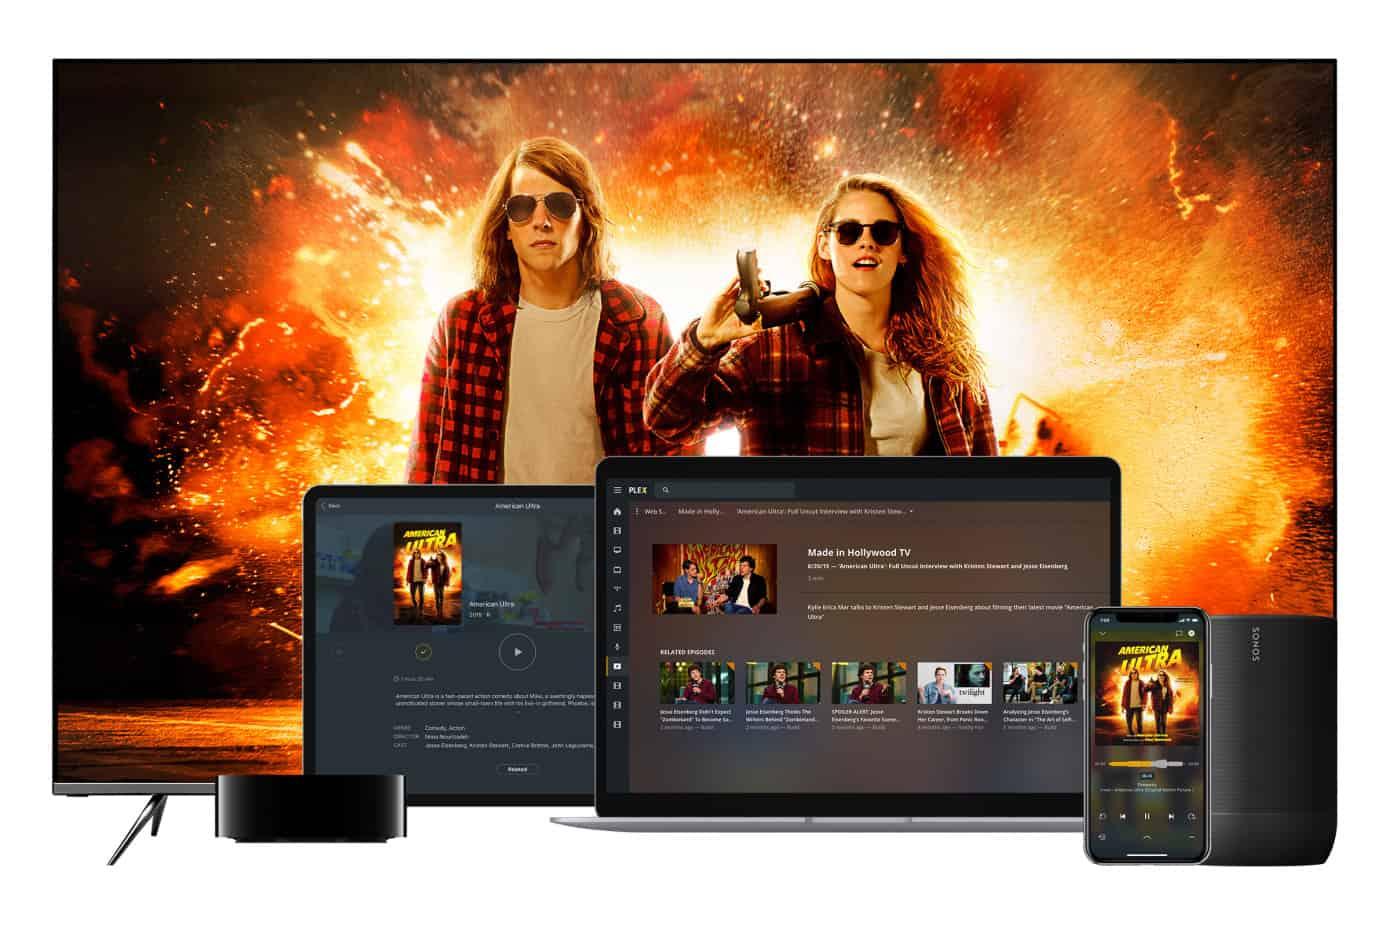 Plex lance un service de streaming gratuit supporté par la publicité dans plus de 200 pays. via @awasocial